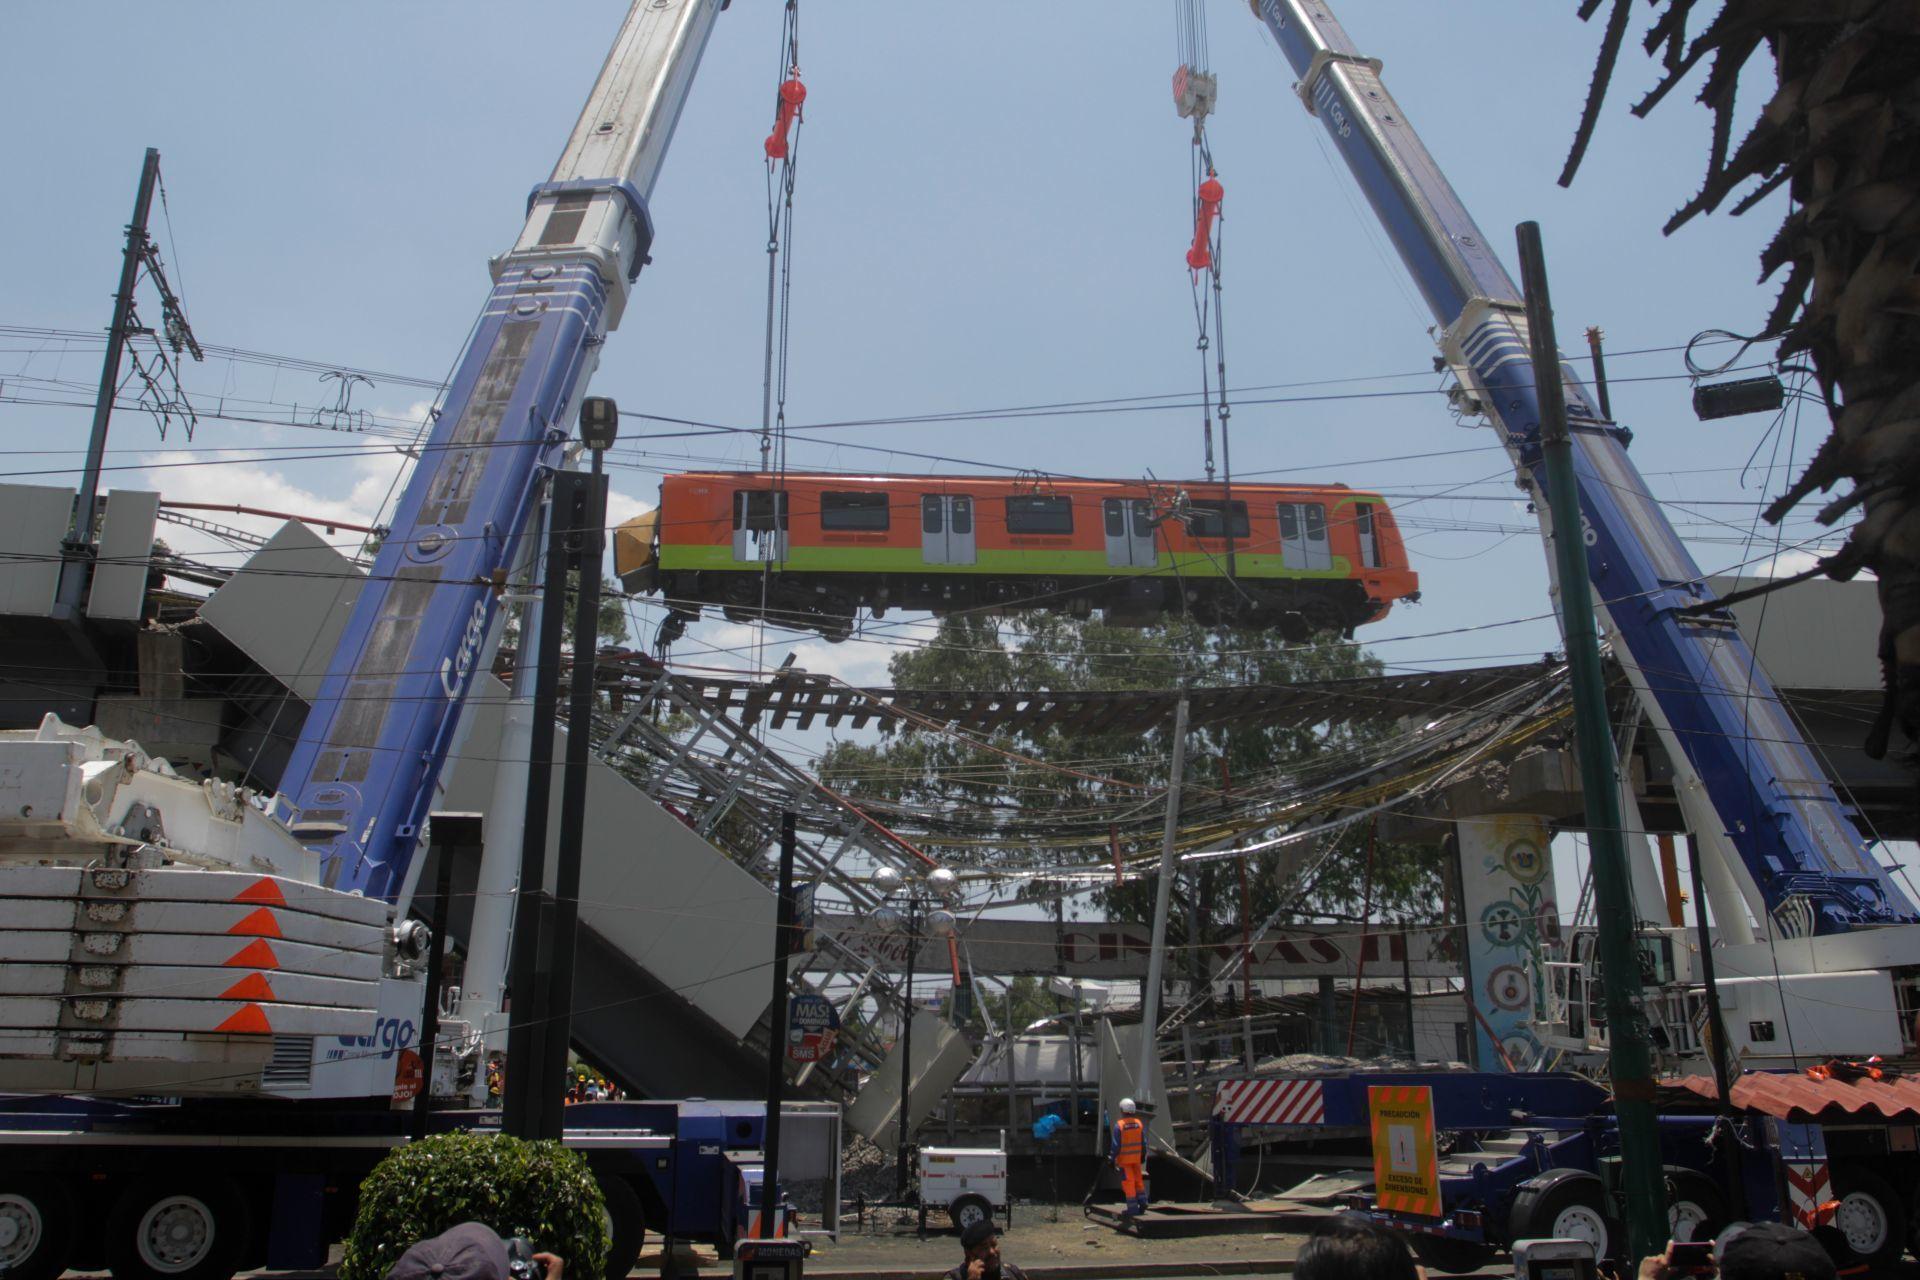 Resuelven reforzar con acero Línea 12 del Metro para evitar riesgos